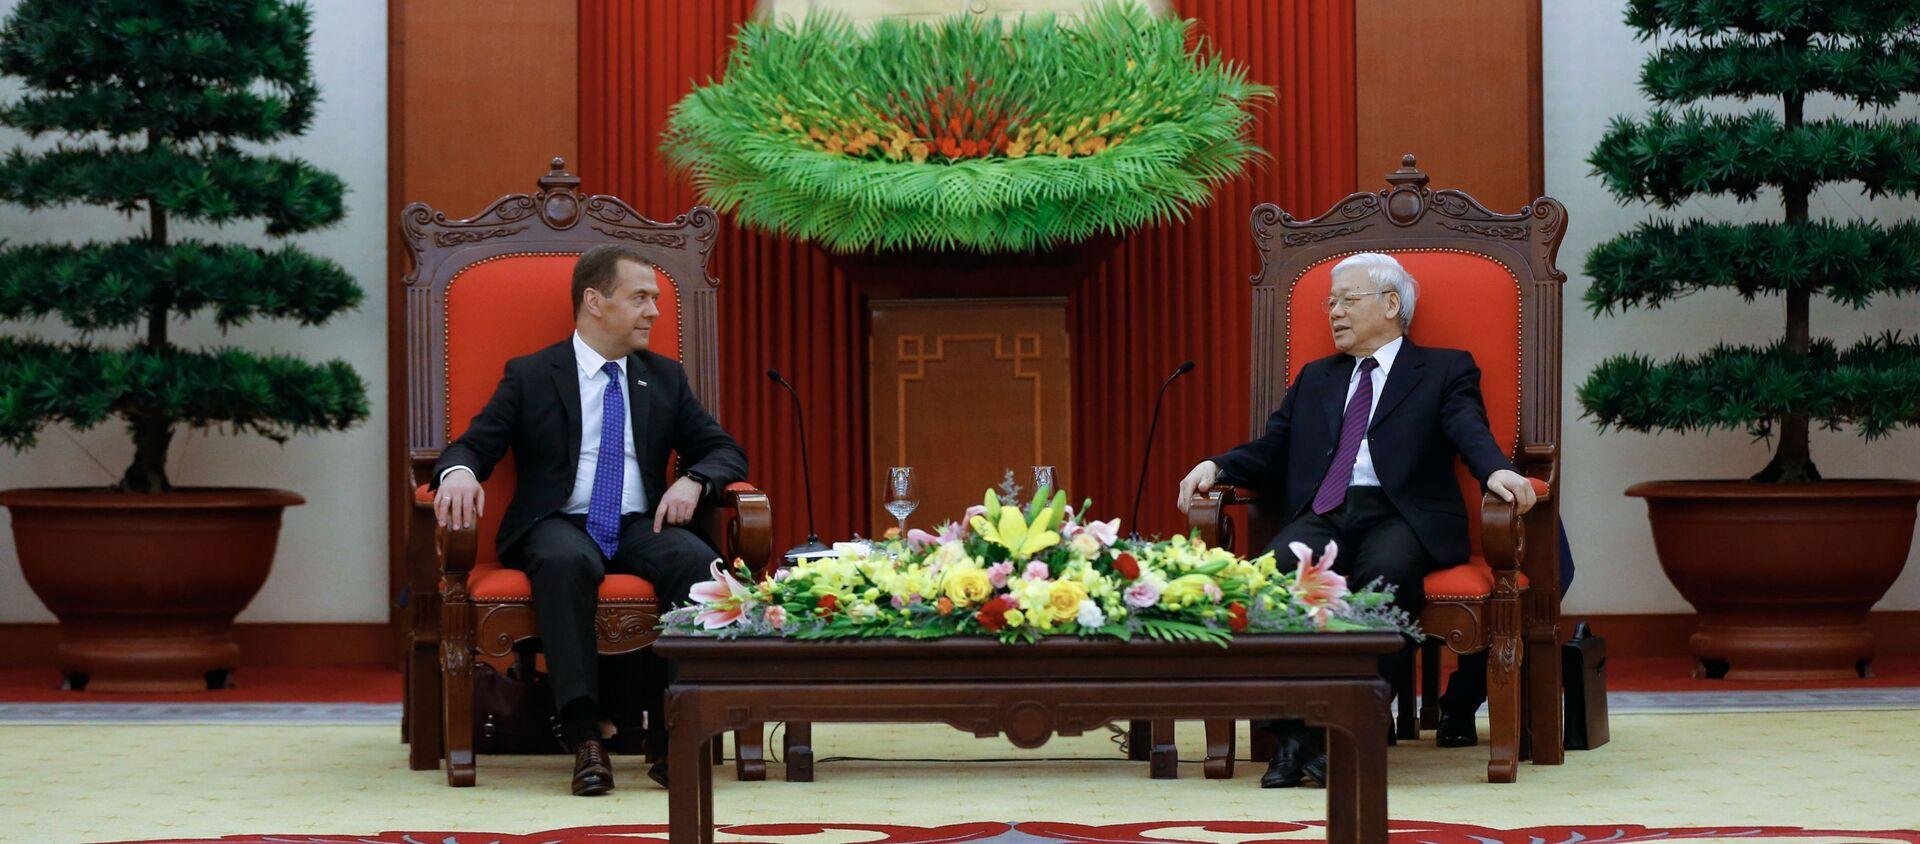 Cuộc gặp giữa Thủ tướng Liên bang Nga Dmitry Medvedev và TBT Đảng Cộng sản Việt Nam Nguyễn Phú Trọng, năm 2018 - Sputnik Việt Nam, 1920, 25.01.2021